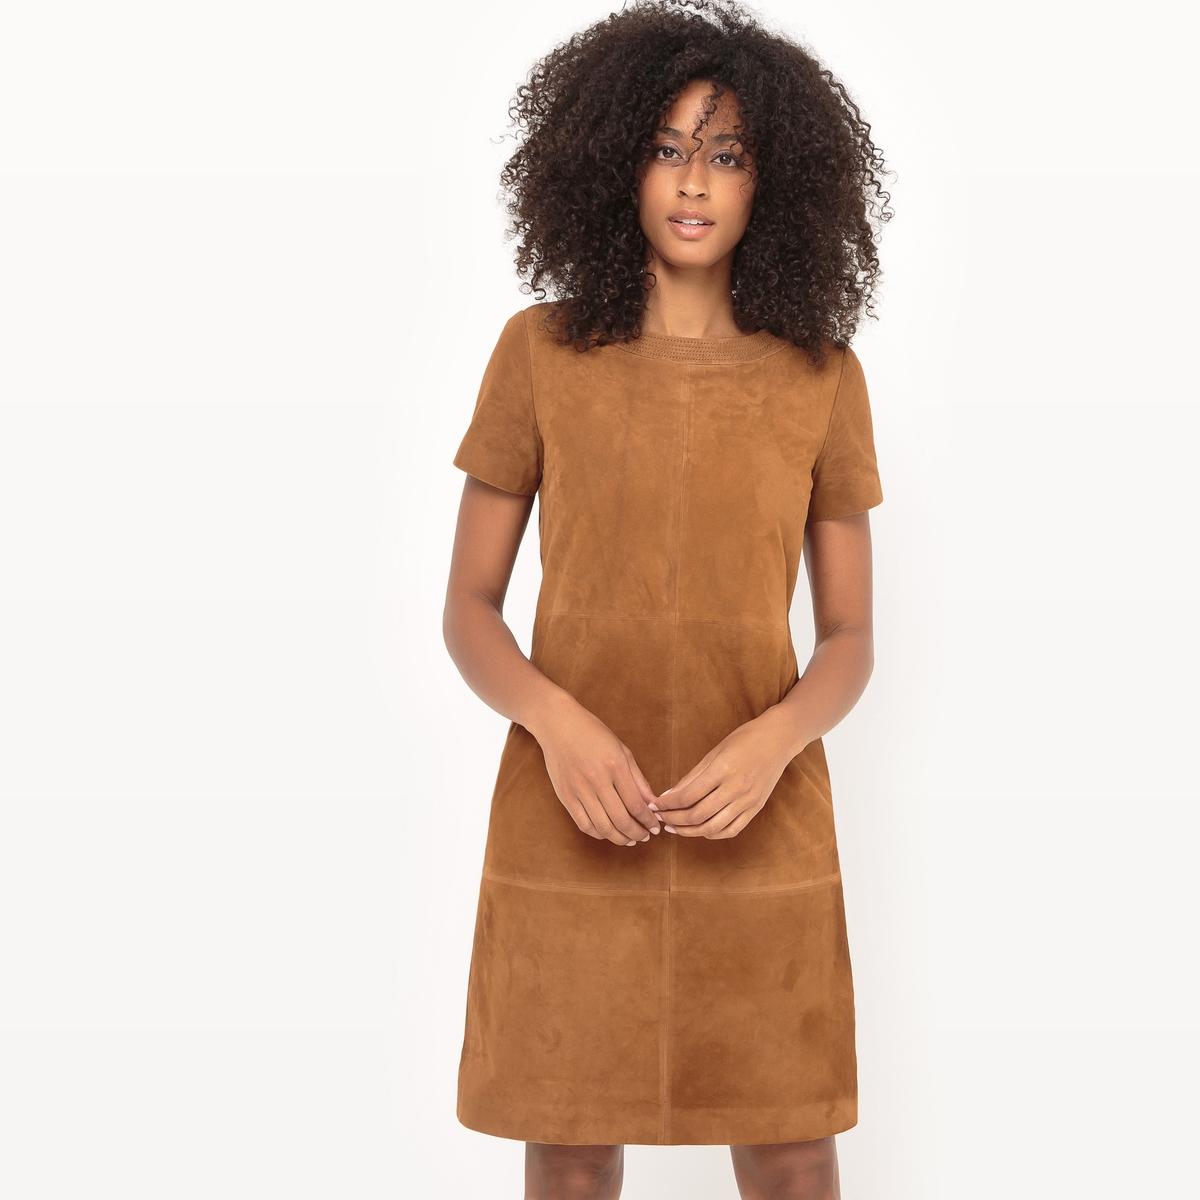 Платье прямое, 100% кожаДетали   •  Форма :прямая   •  Длина до колен •  Короткие рукава    •  Круглый вырезСостав и уход •  100% козья кожа  •  Подкладка : 72% хлопка, 28% полиэстера. •  Следуйте советам по уходу, указанным на этикетке<br><br>Цвет: темно-бежевый,темно-синий<br>Размер: 34 (FR) - 40 (RUS).40 (FR) - 46 (RUS).46 (FR) - 52 (RUS).48 (FR) - 54 (RUS).50 (FR) - 56 (RUS).52 (FR) - 58 (RUS).36 (FR) - 42 (RUS).40 (FR) - 46 (RUS).42 (FR) - 48 (RUS)